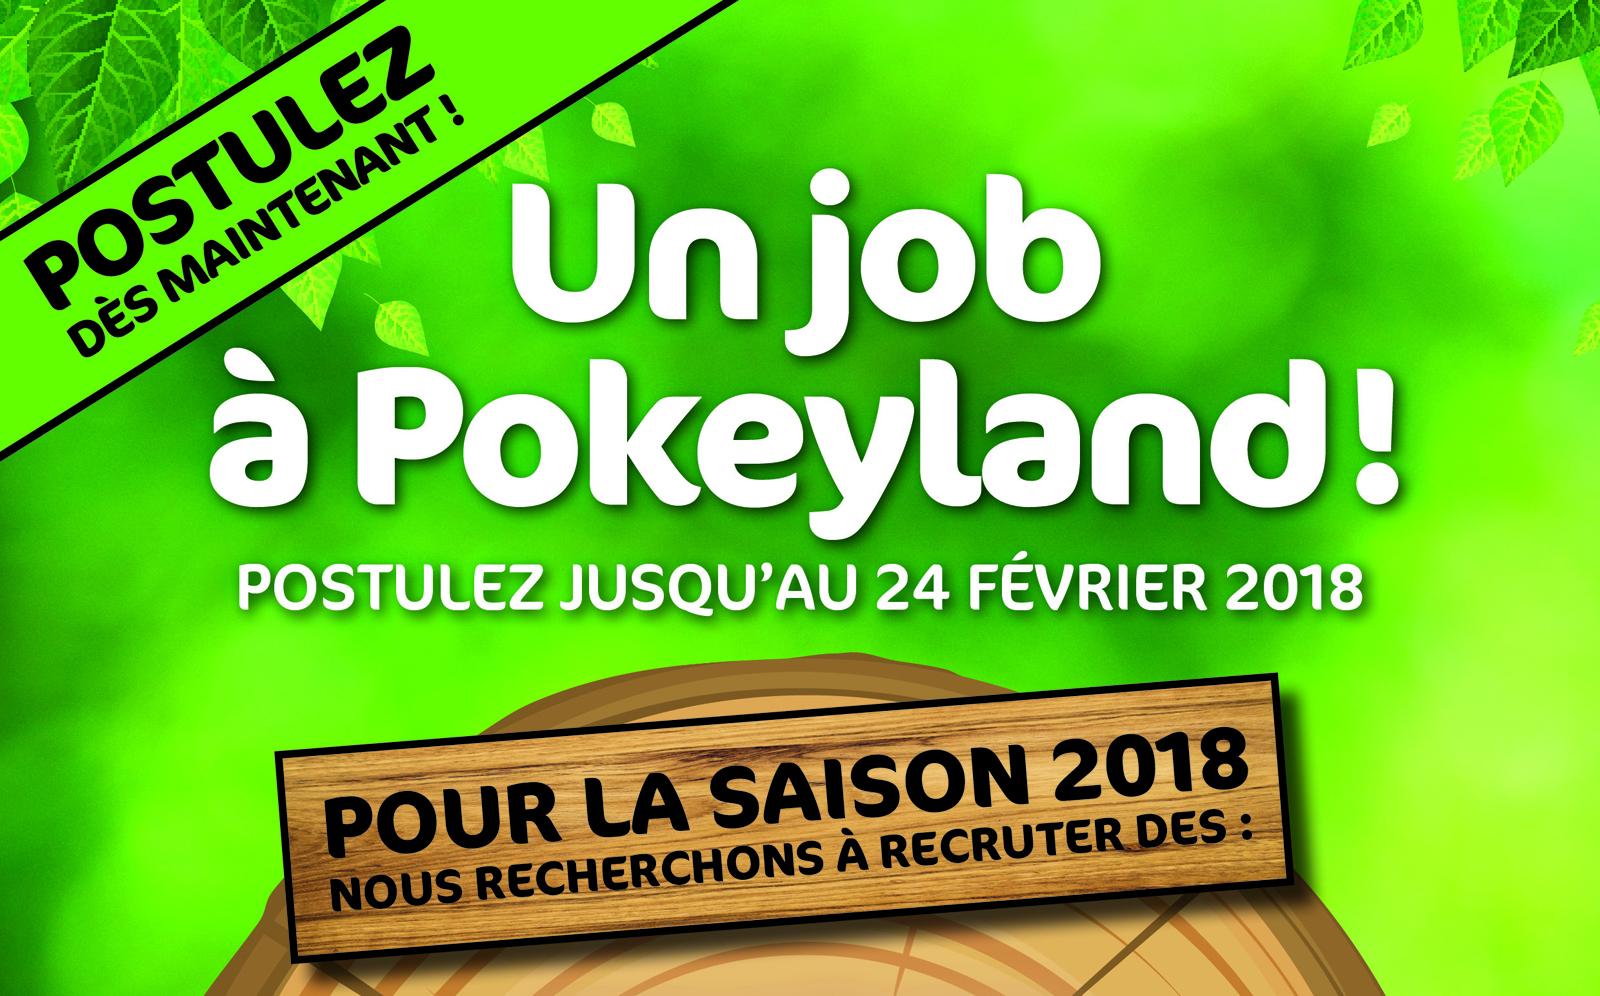 Photo of 80 emplois à pourvoir au parc Pokeyland avant le 24 février 2018